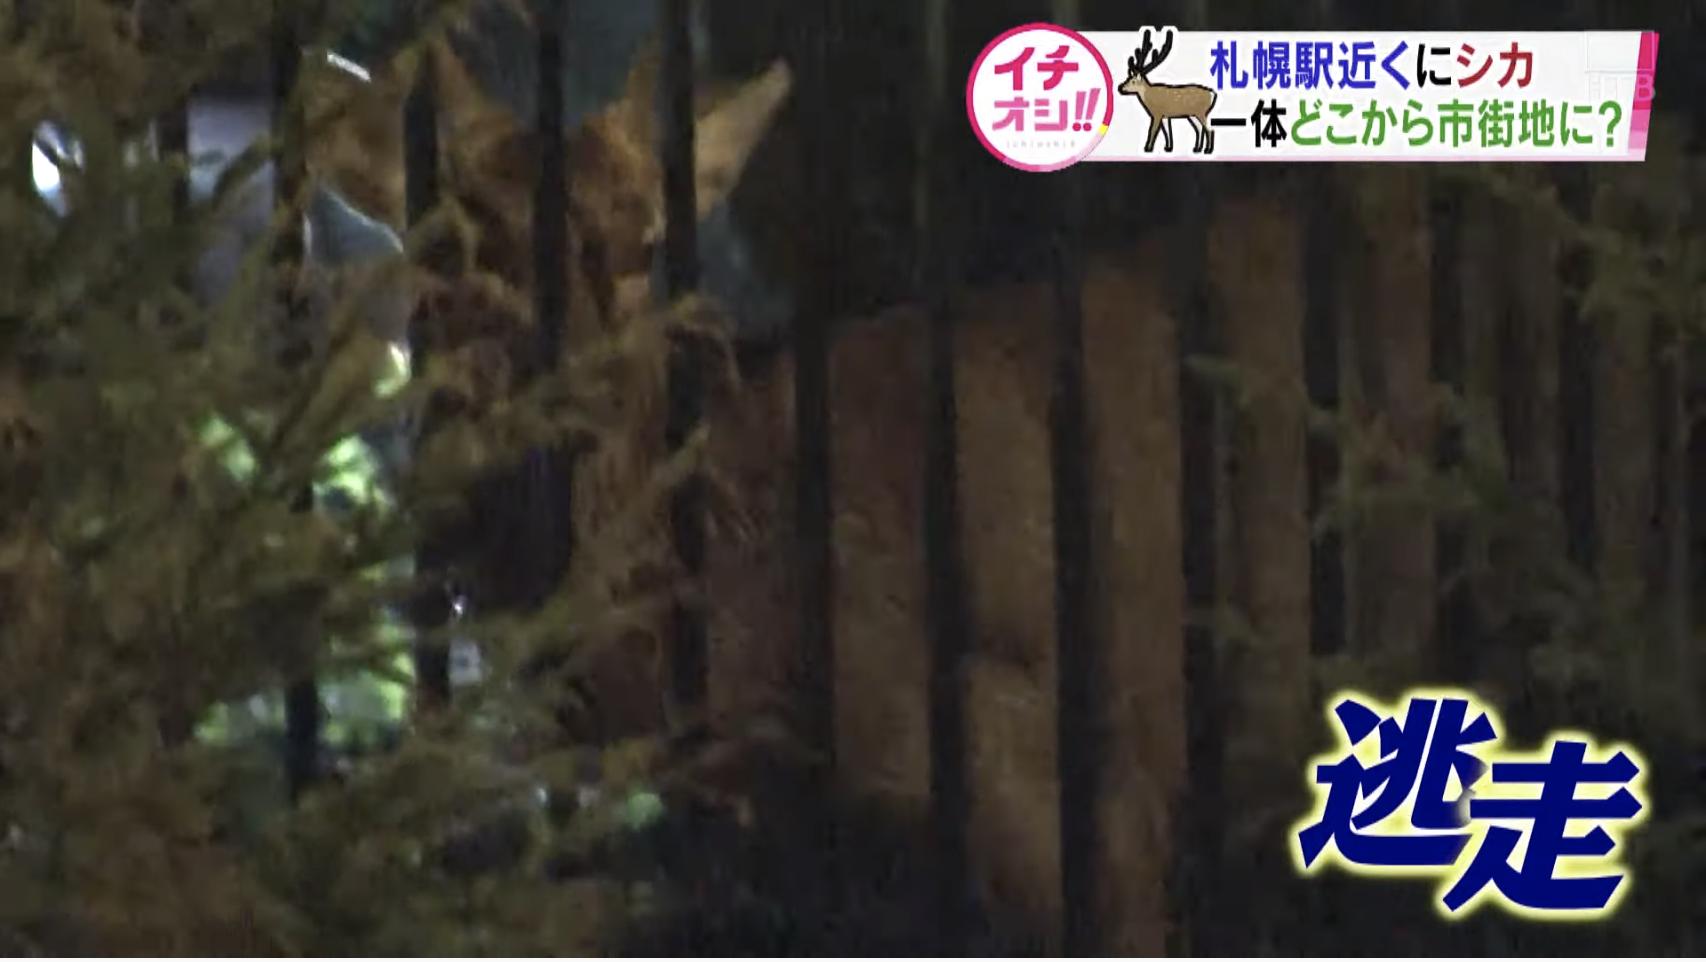 【大捕物】札幌駅付近で相次ぐシカ出没!一体どこから?